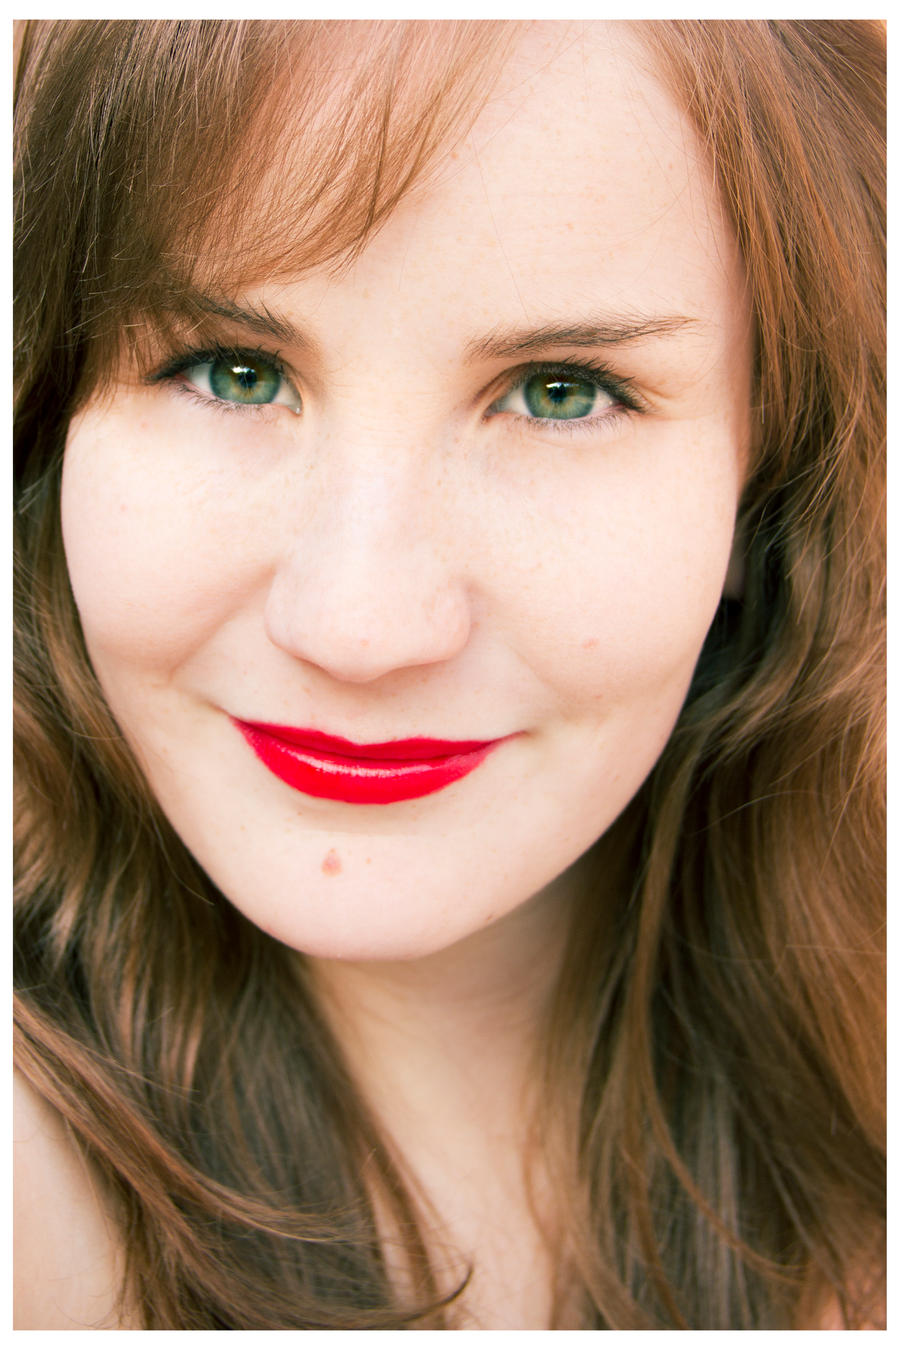 KristieM's Profile Picture